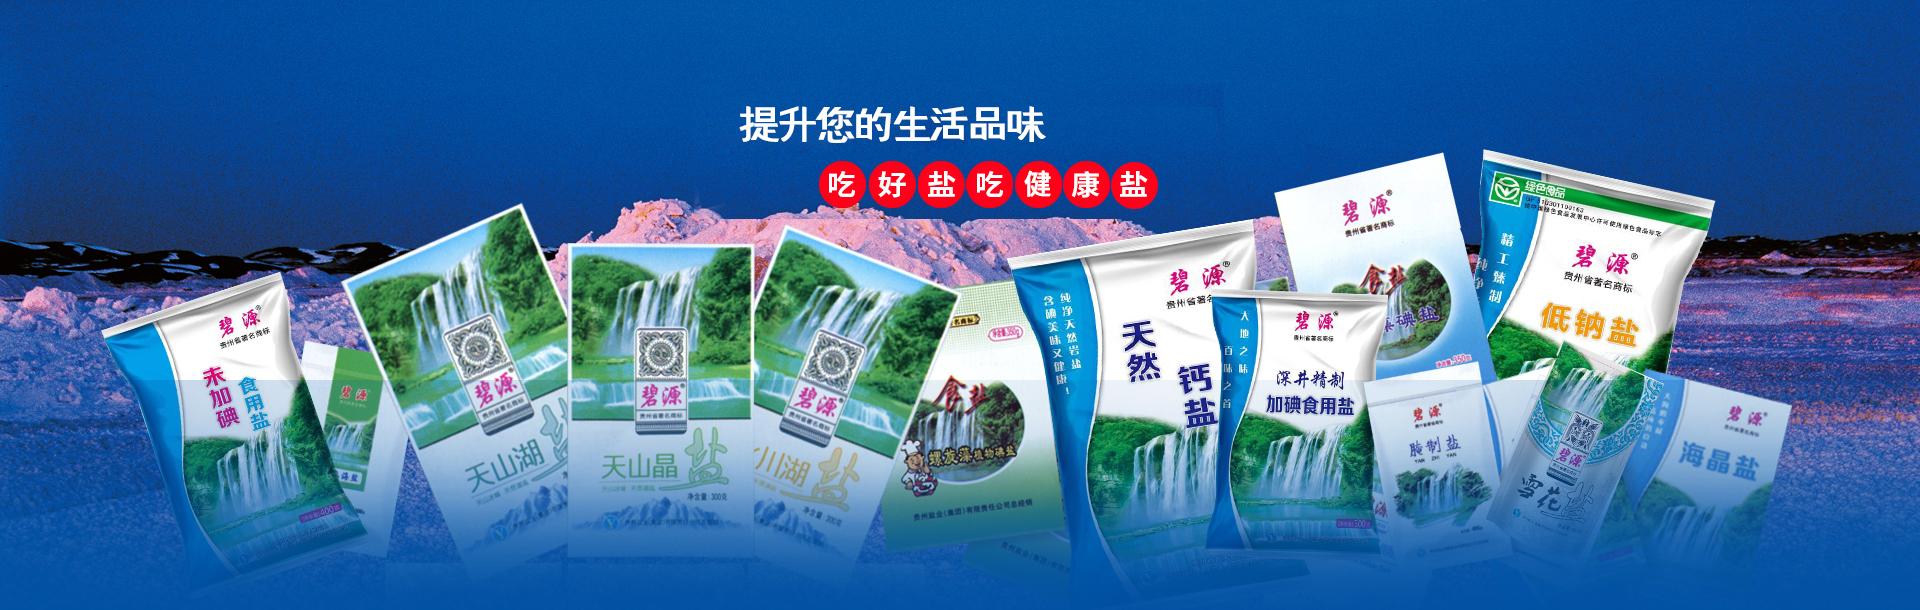 贵州盐业(集团)有限责任企业